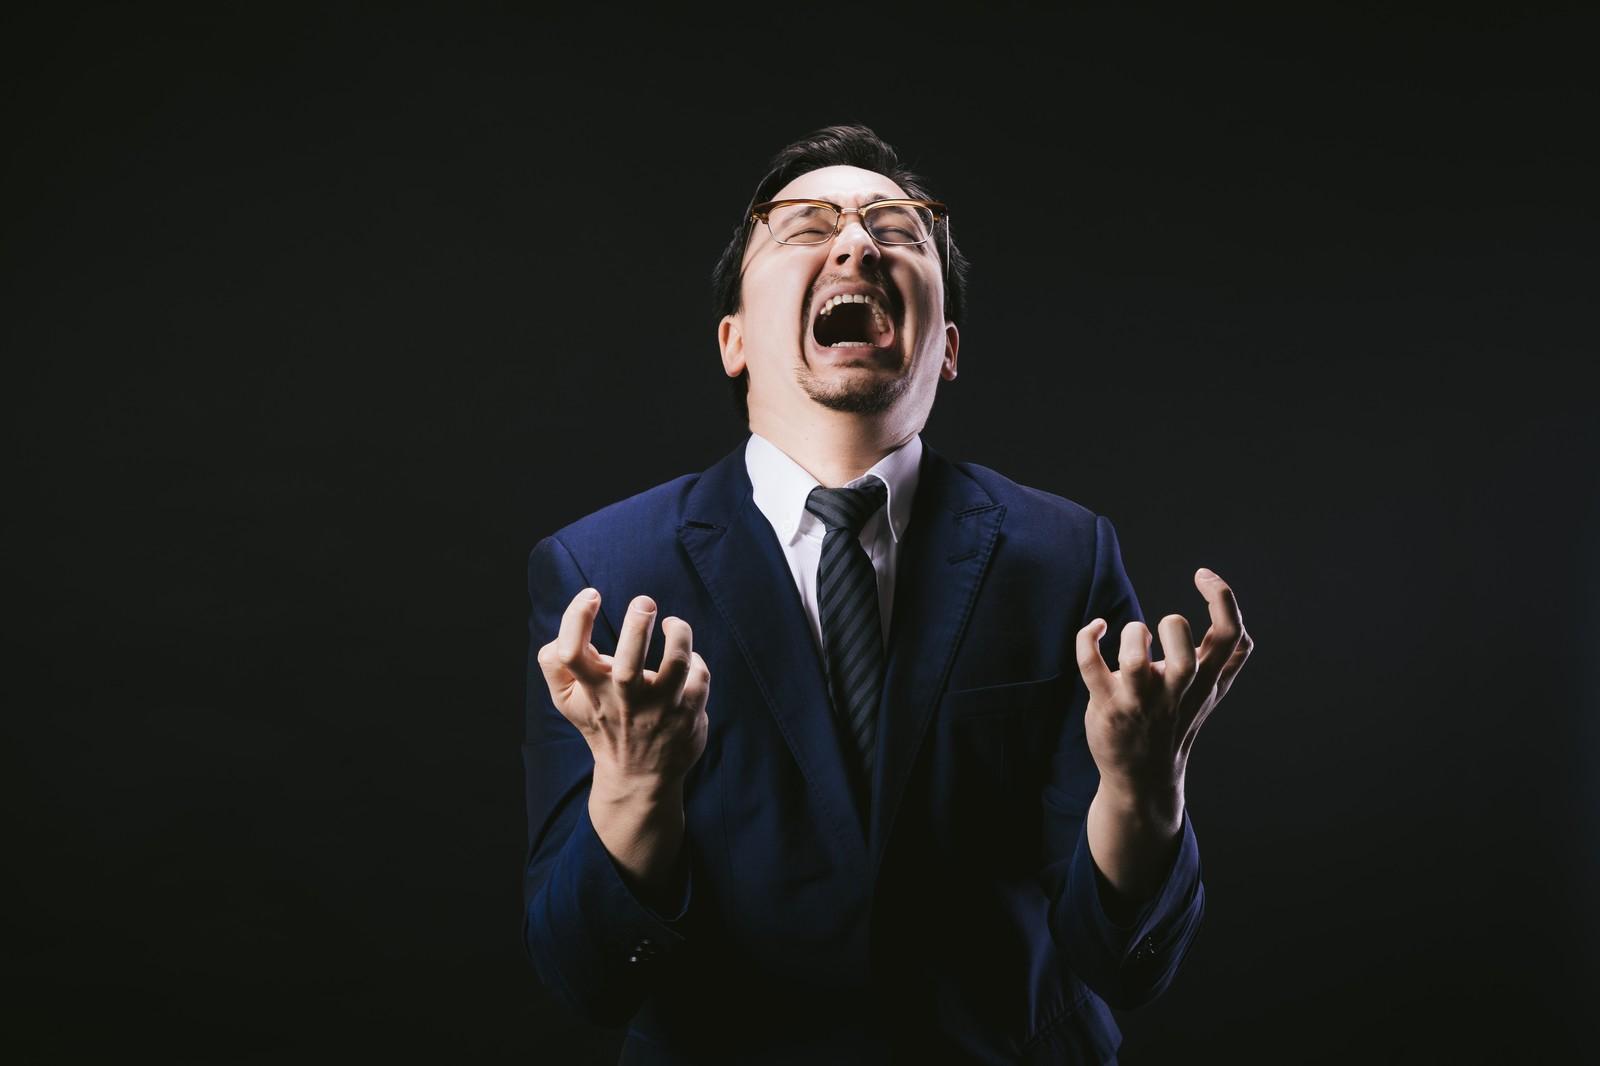 【カラオケ】上手く聞かせたいなら、エコーはハウリングするギリギリまでガンガンかけろ!!